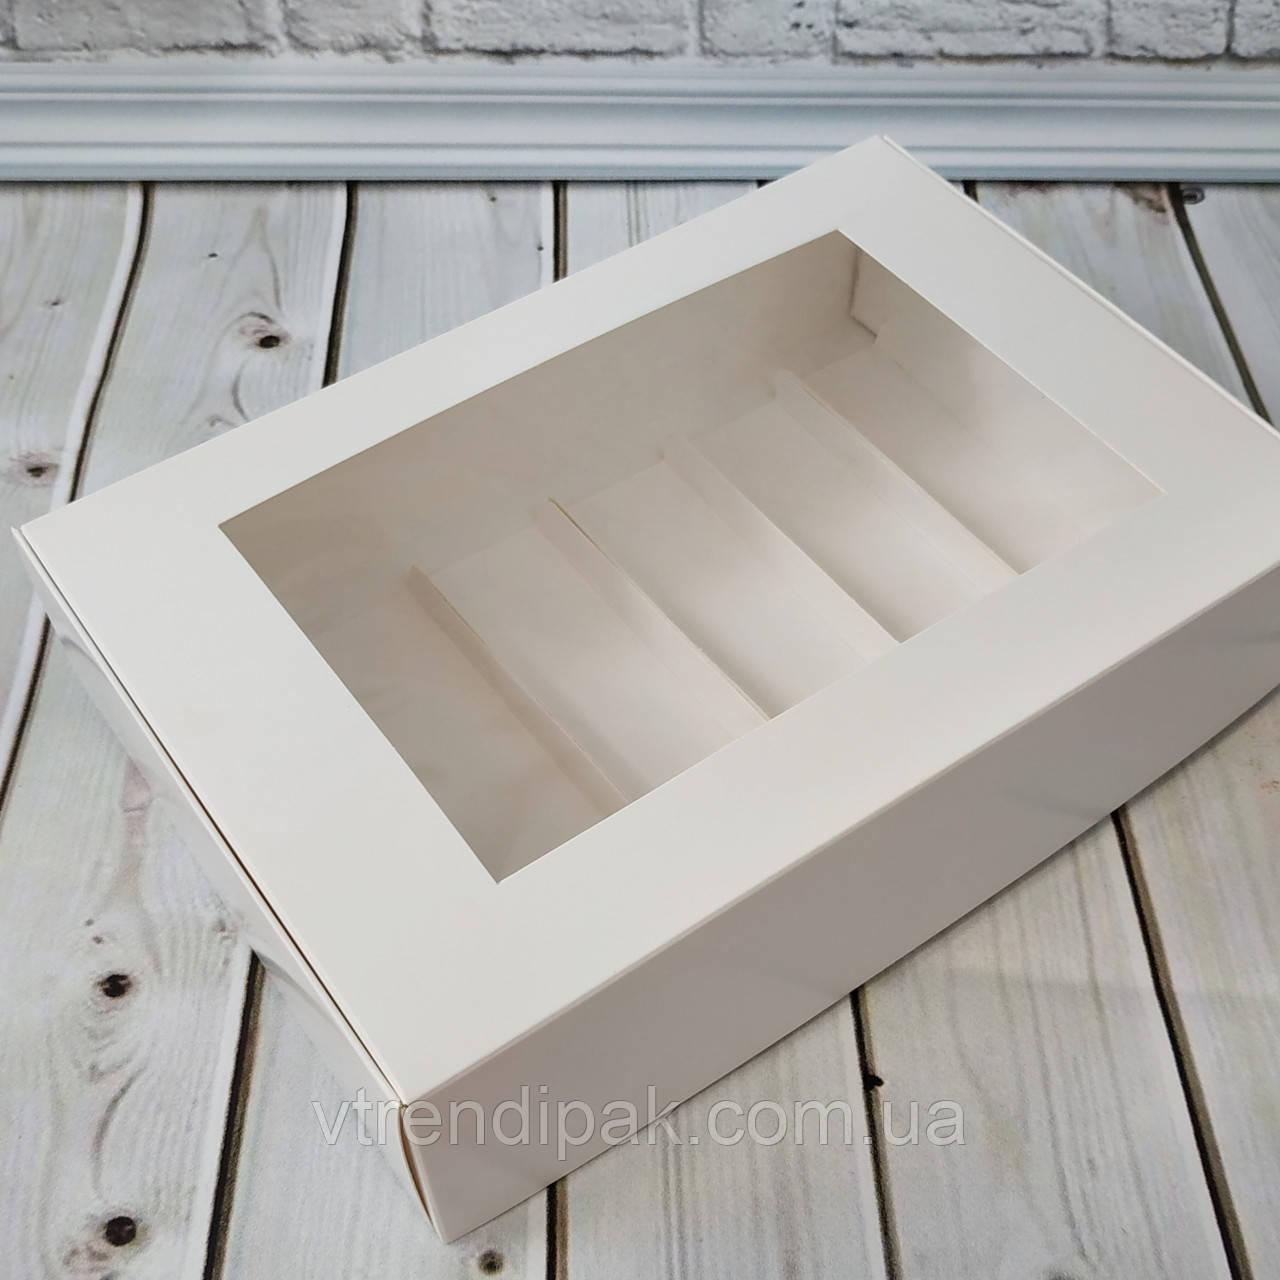 Коробка для 6 еклерів 265*180*65 з мелованого картону з вікном ПВХ-плівка зі вставками